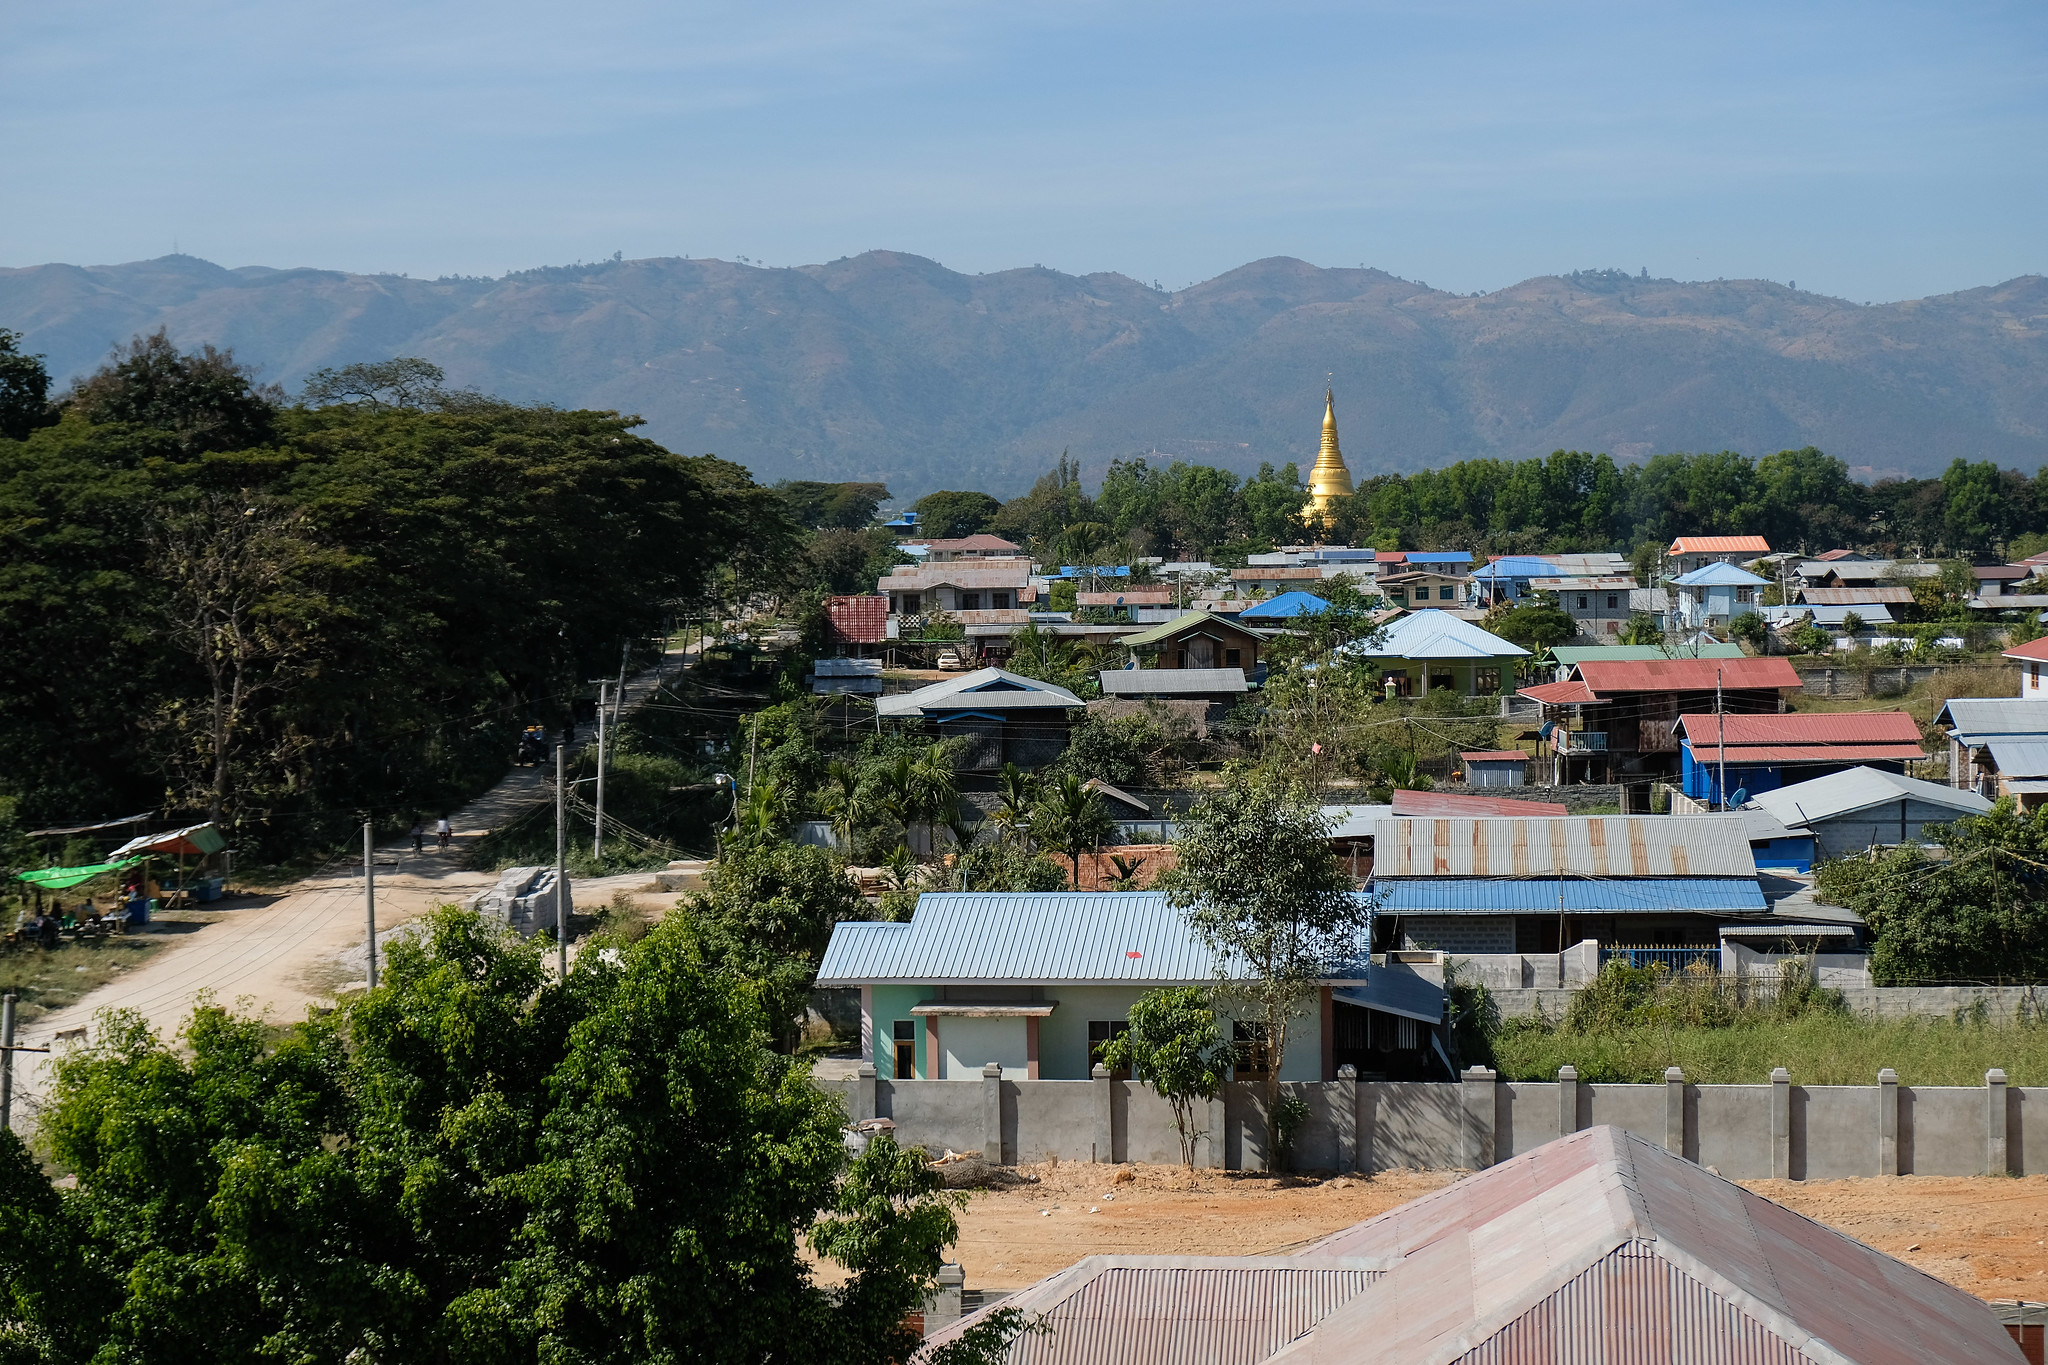 Nyaung Shwe